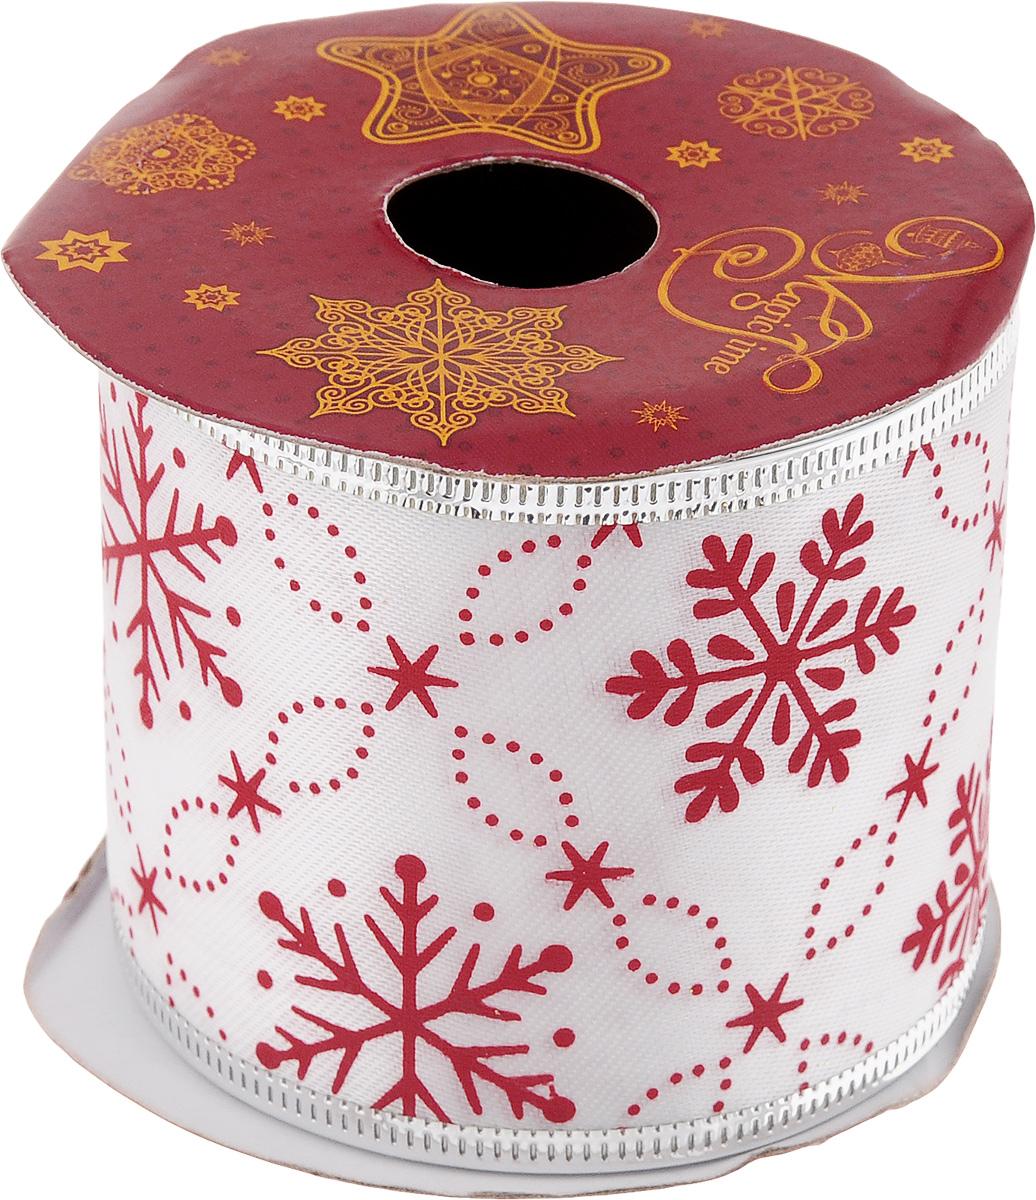 Лента новогодняя Magic Time Красные снежинки, 6,3 см х 2,7 м42819Декоративная лента Magic Time Красные снежинки выполнена из полиэстера. В края ленты вставлена проволока, благодаря чему ее легко фиксировать. Она предназначена для оформления подарочных коробок, пакетов. Кроме того, декоративная лента с успехом применяется для художественного оформления витрин, праздничного оформления помещений, изготовления искусственных цветов. Декоративная лента украсит интерьер вашего дома к праздникам. Ширина ленты: 6,3 см.